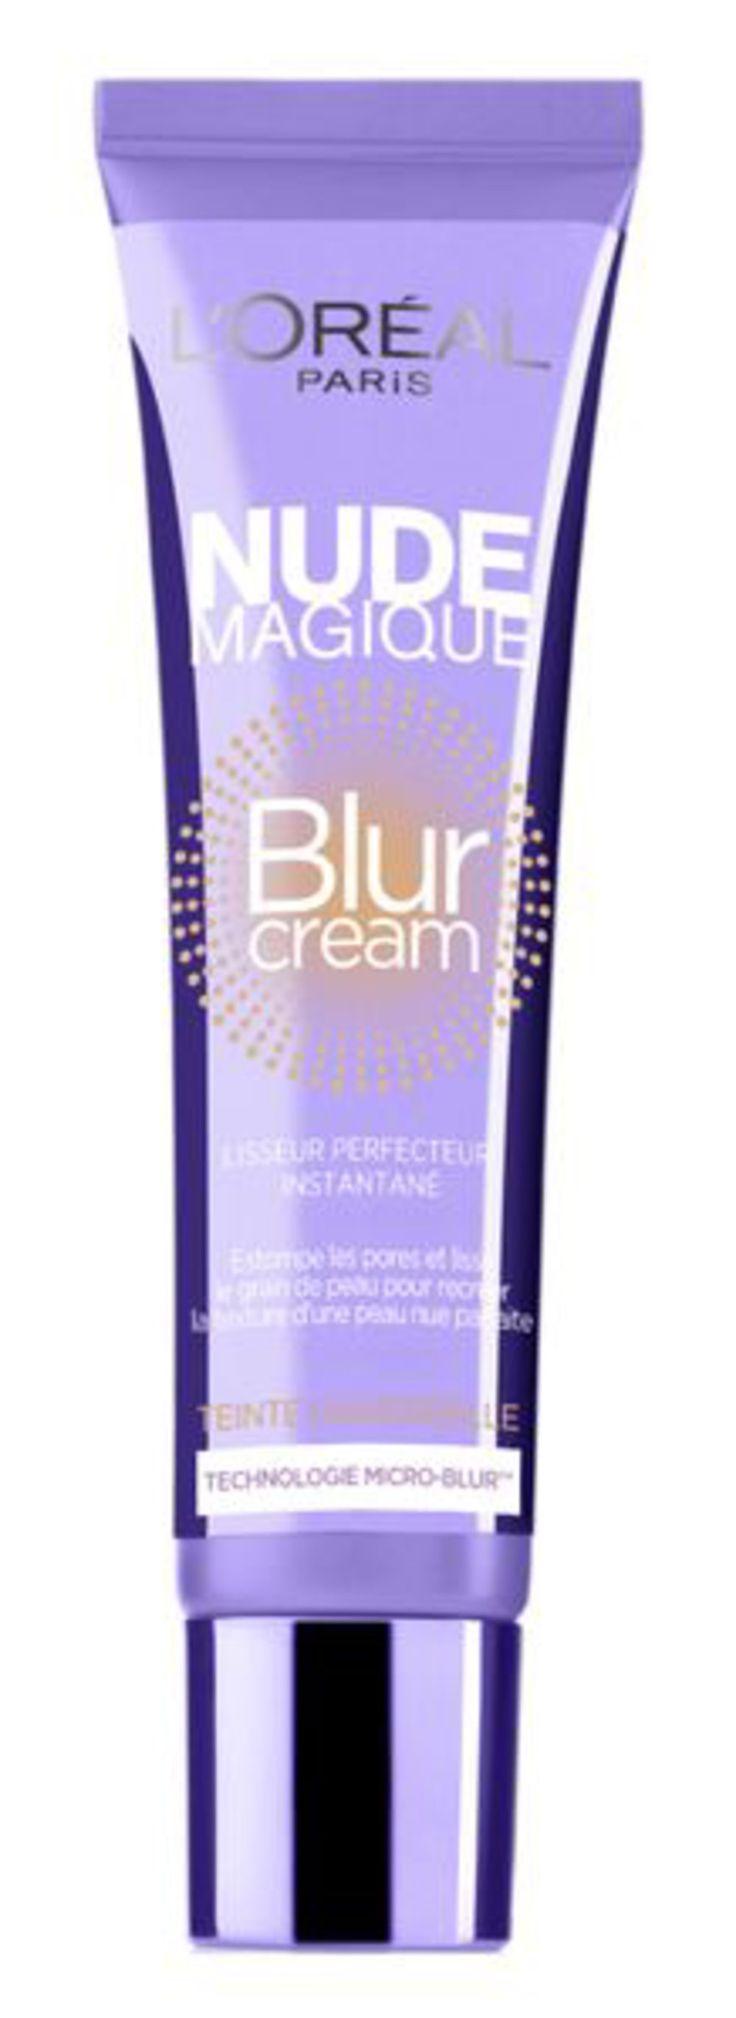 Blur Cream Nude Magique, Lisseur Perfecteur Instantanné, L'Oréal Paris, 14,50 €